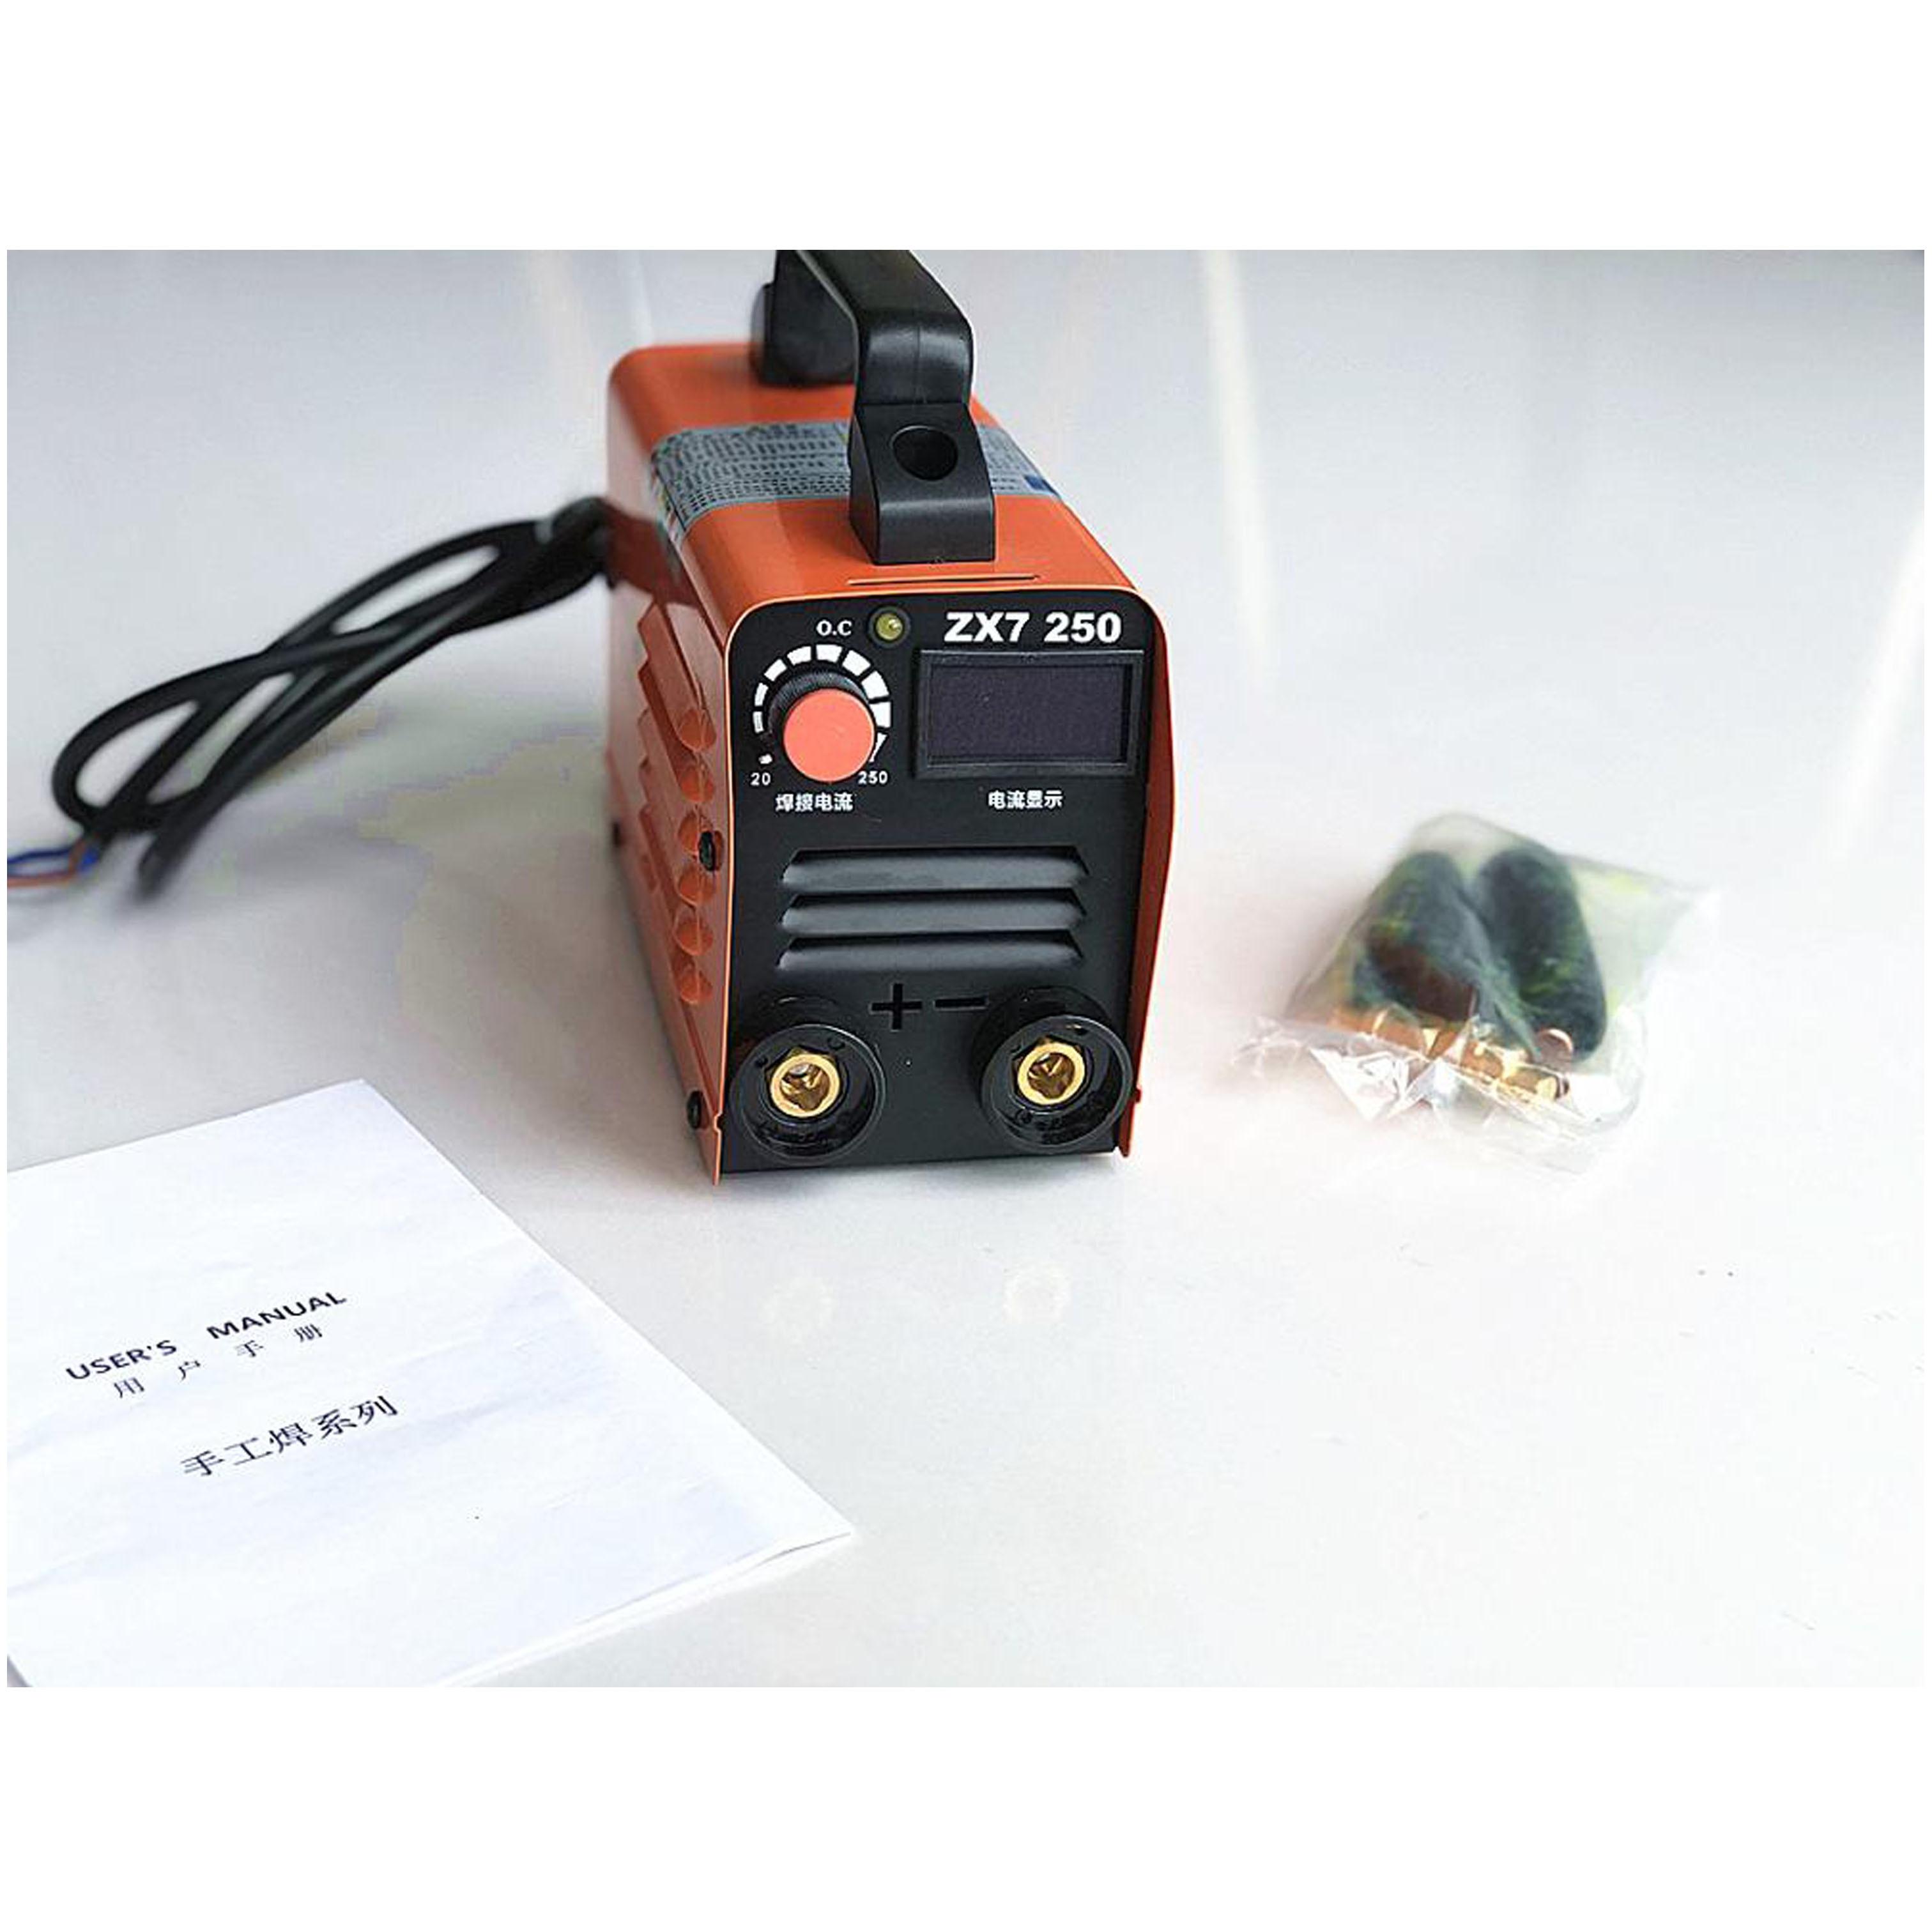 EU RU Delivery For free 250A 220V Compact Mini MMA Welder Inverter ARC Welding Machine Stick Welder